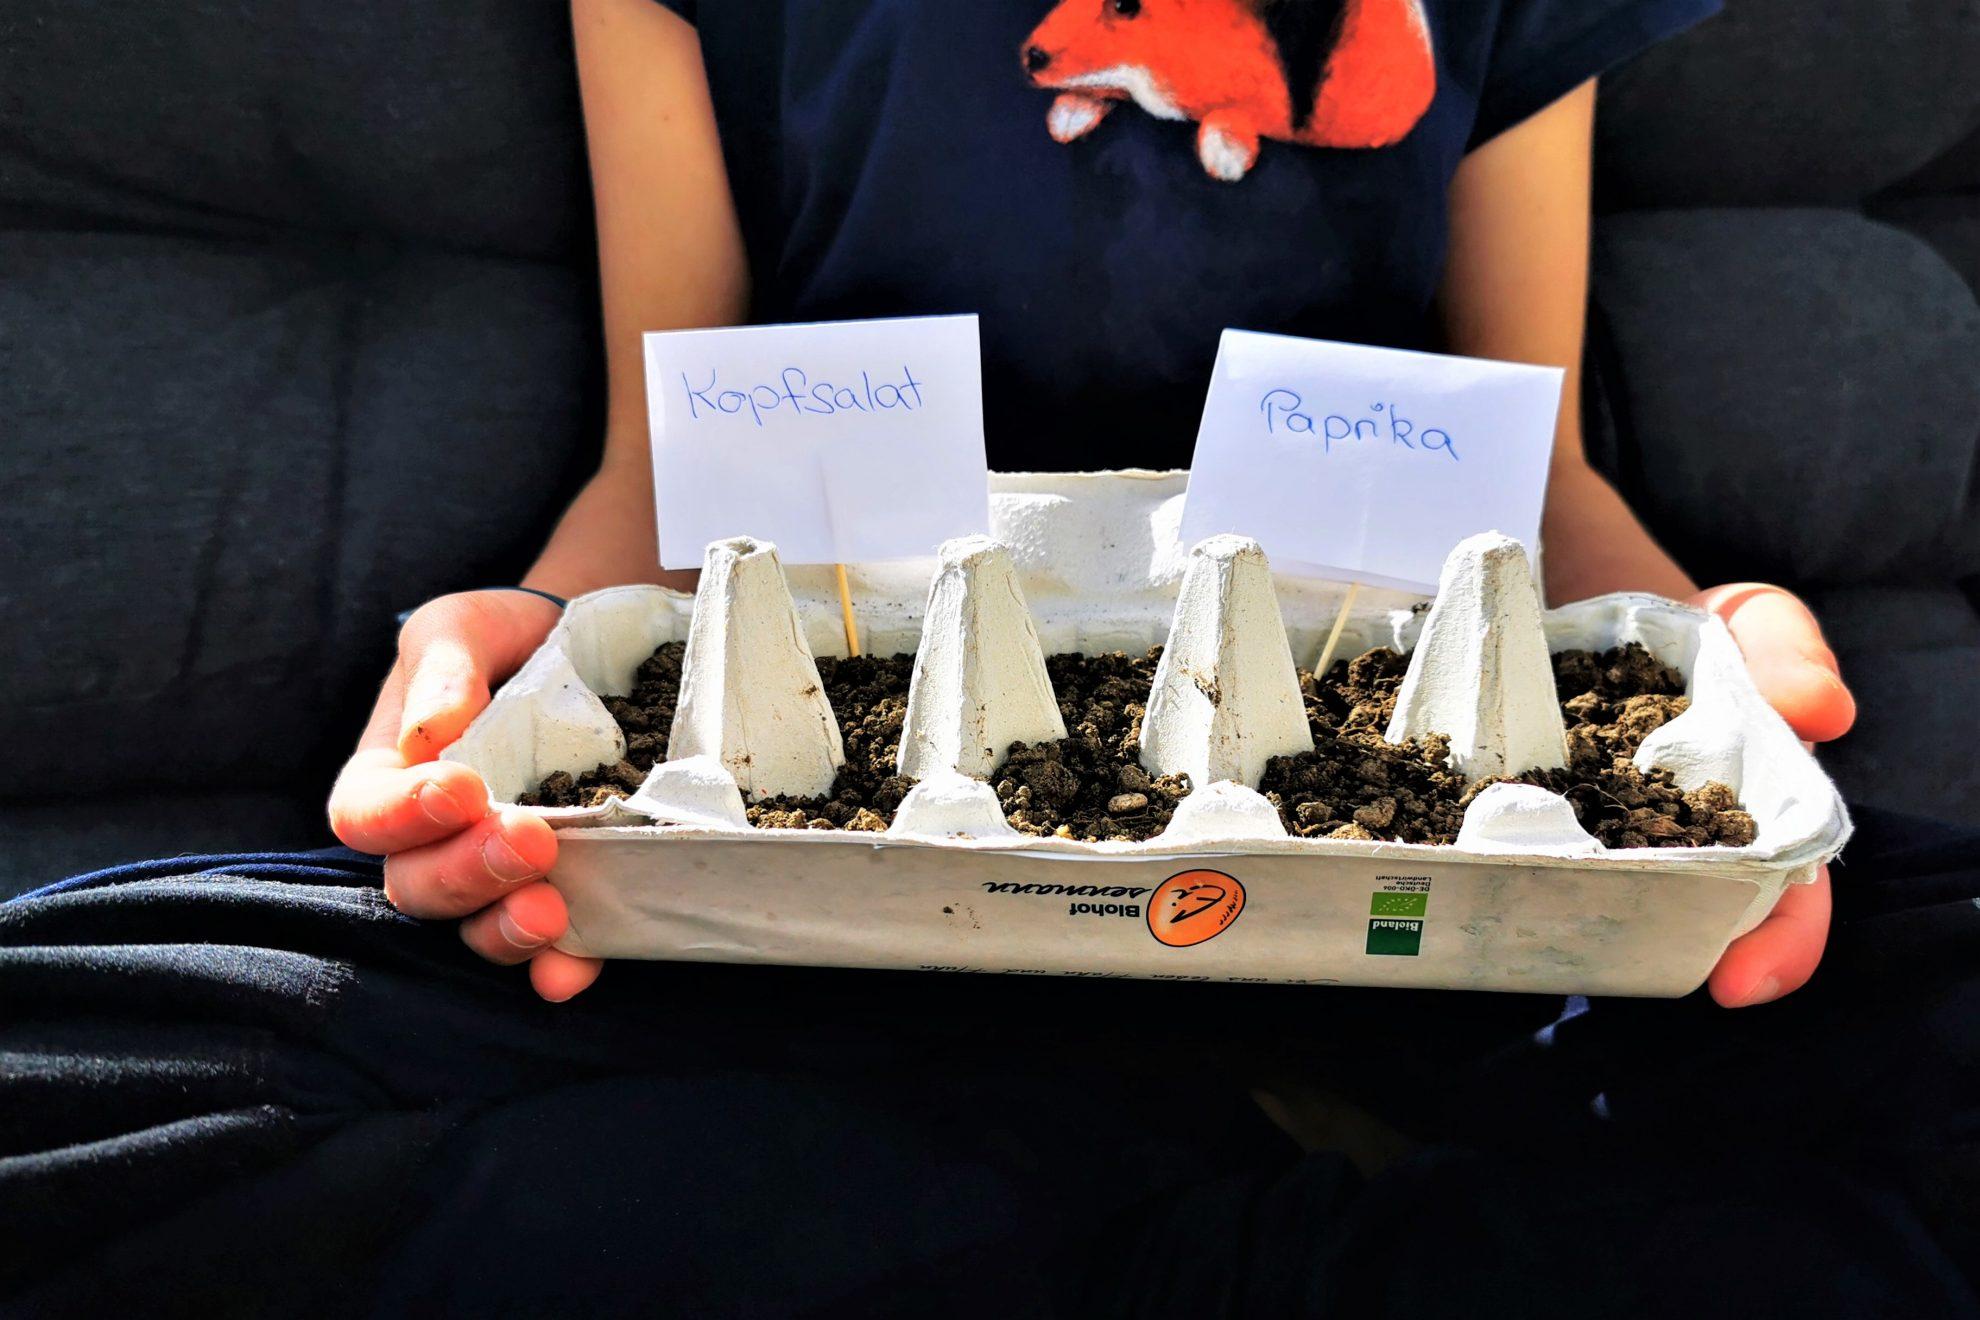 Pflanzen ziehen fürs Gemüsebeet - gar nicht so schwer. Ich zeige dir, wie du ganz einfach Gemüse im Eierkarton ziehen kannst. Nachhaltig gut!